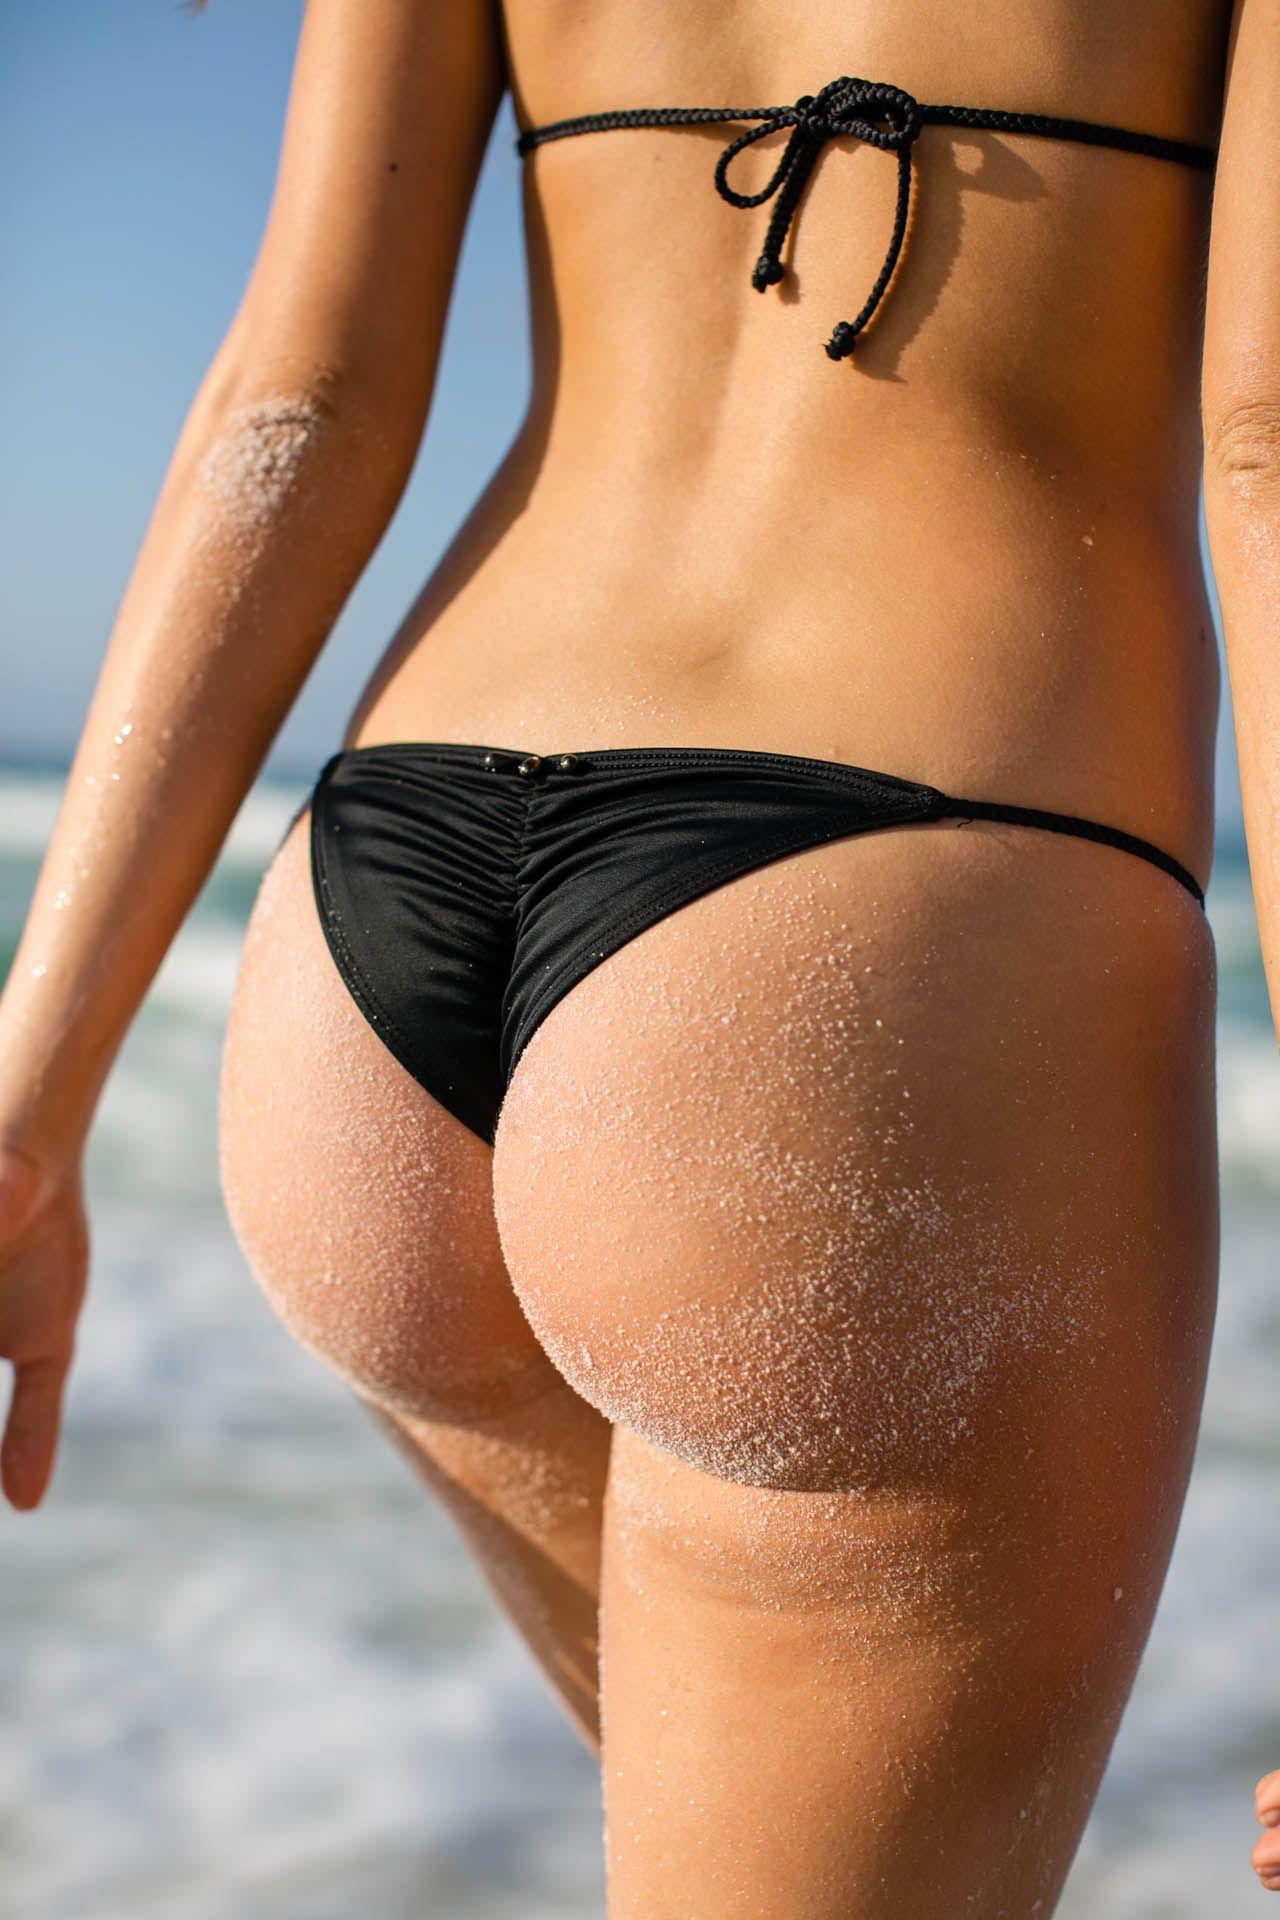 ass nude non beach Candid